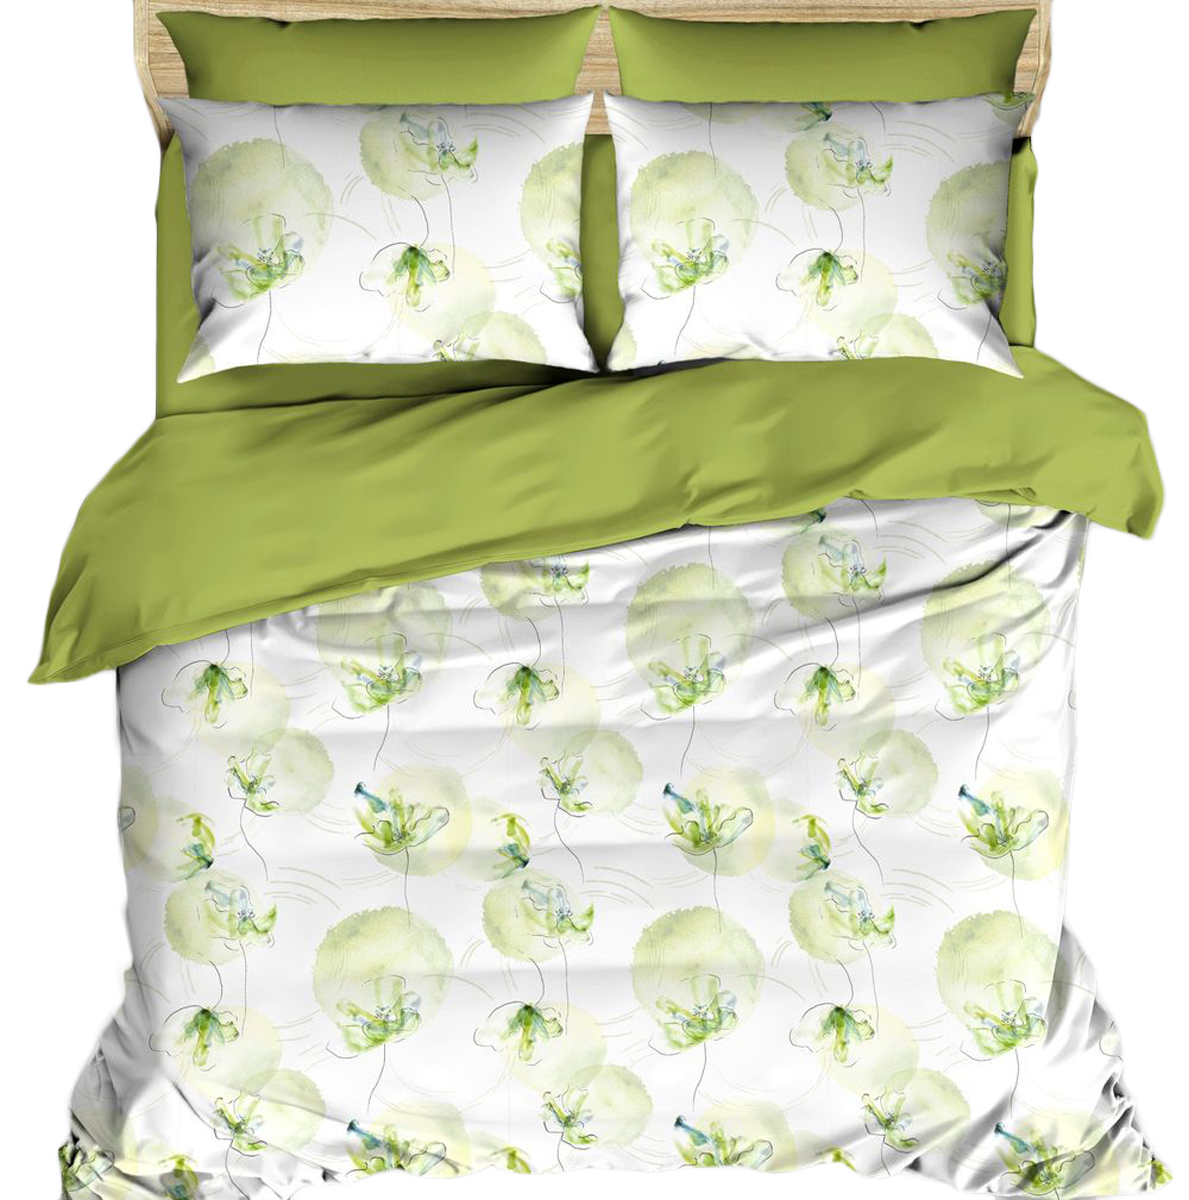 Комплект постельного белья Василиса Будто случайно, евро, наволочки 70x70;50x70. 163545 комплекты белья